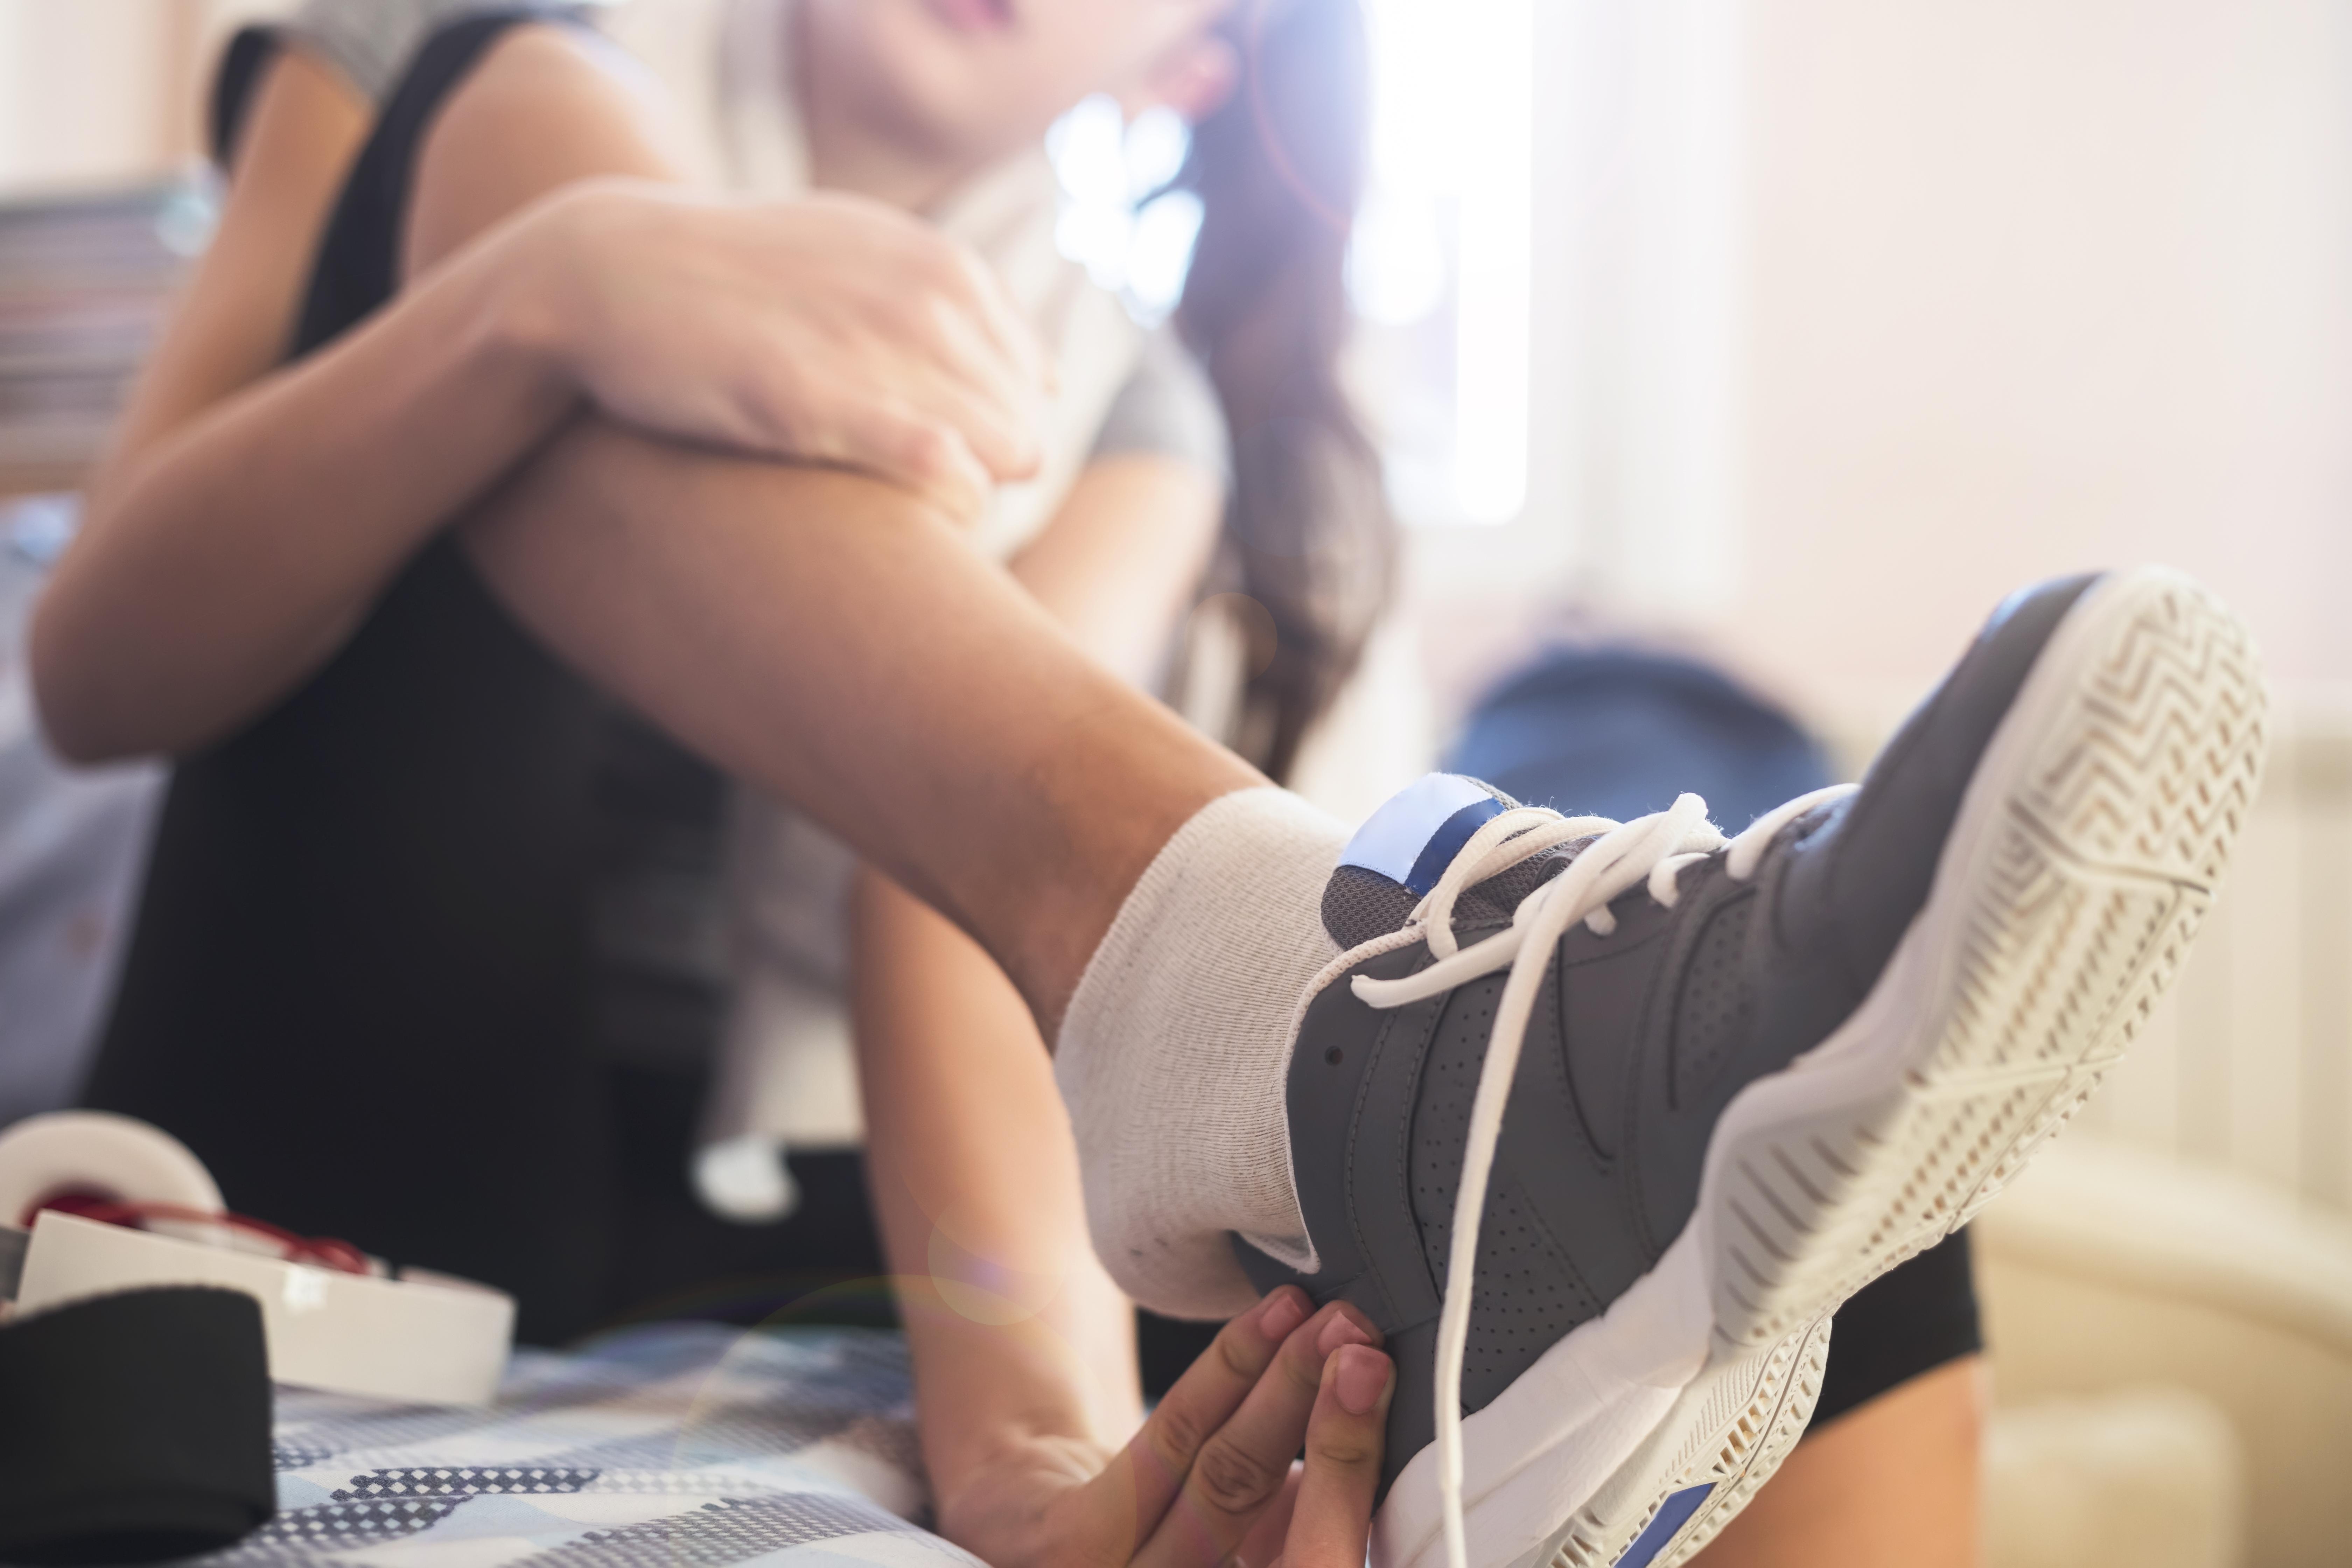 Як позбутися від неприємного запаху на спортивному одязі після тренувань